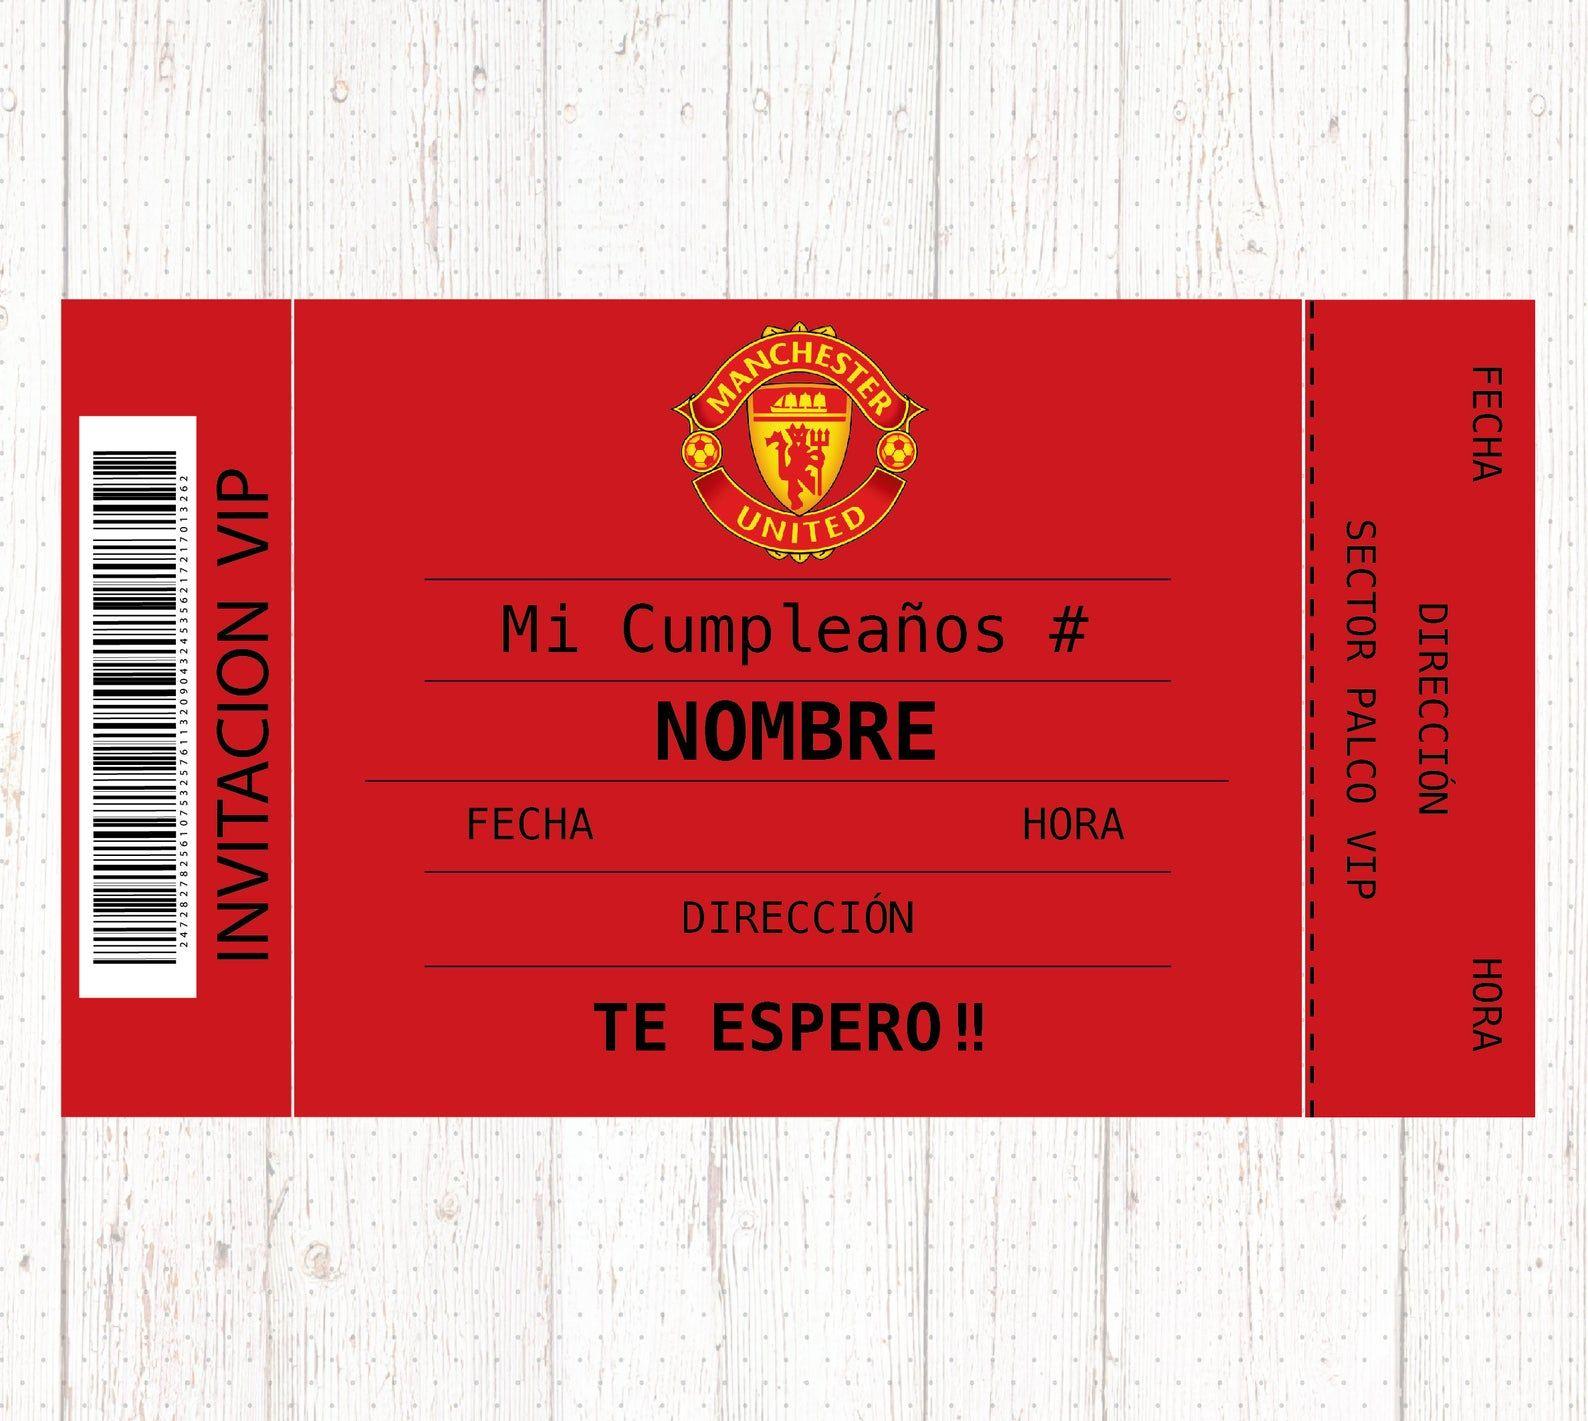 Manchester United Invitation Manchester United Digital Birthday Party Invitation Manchester United Party Ideas Invitaciones Tarjetas De Cumpleanos Invitaciones De Cumpleanos